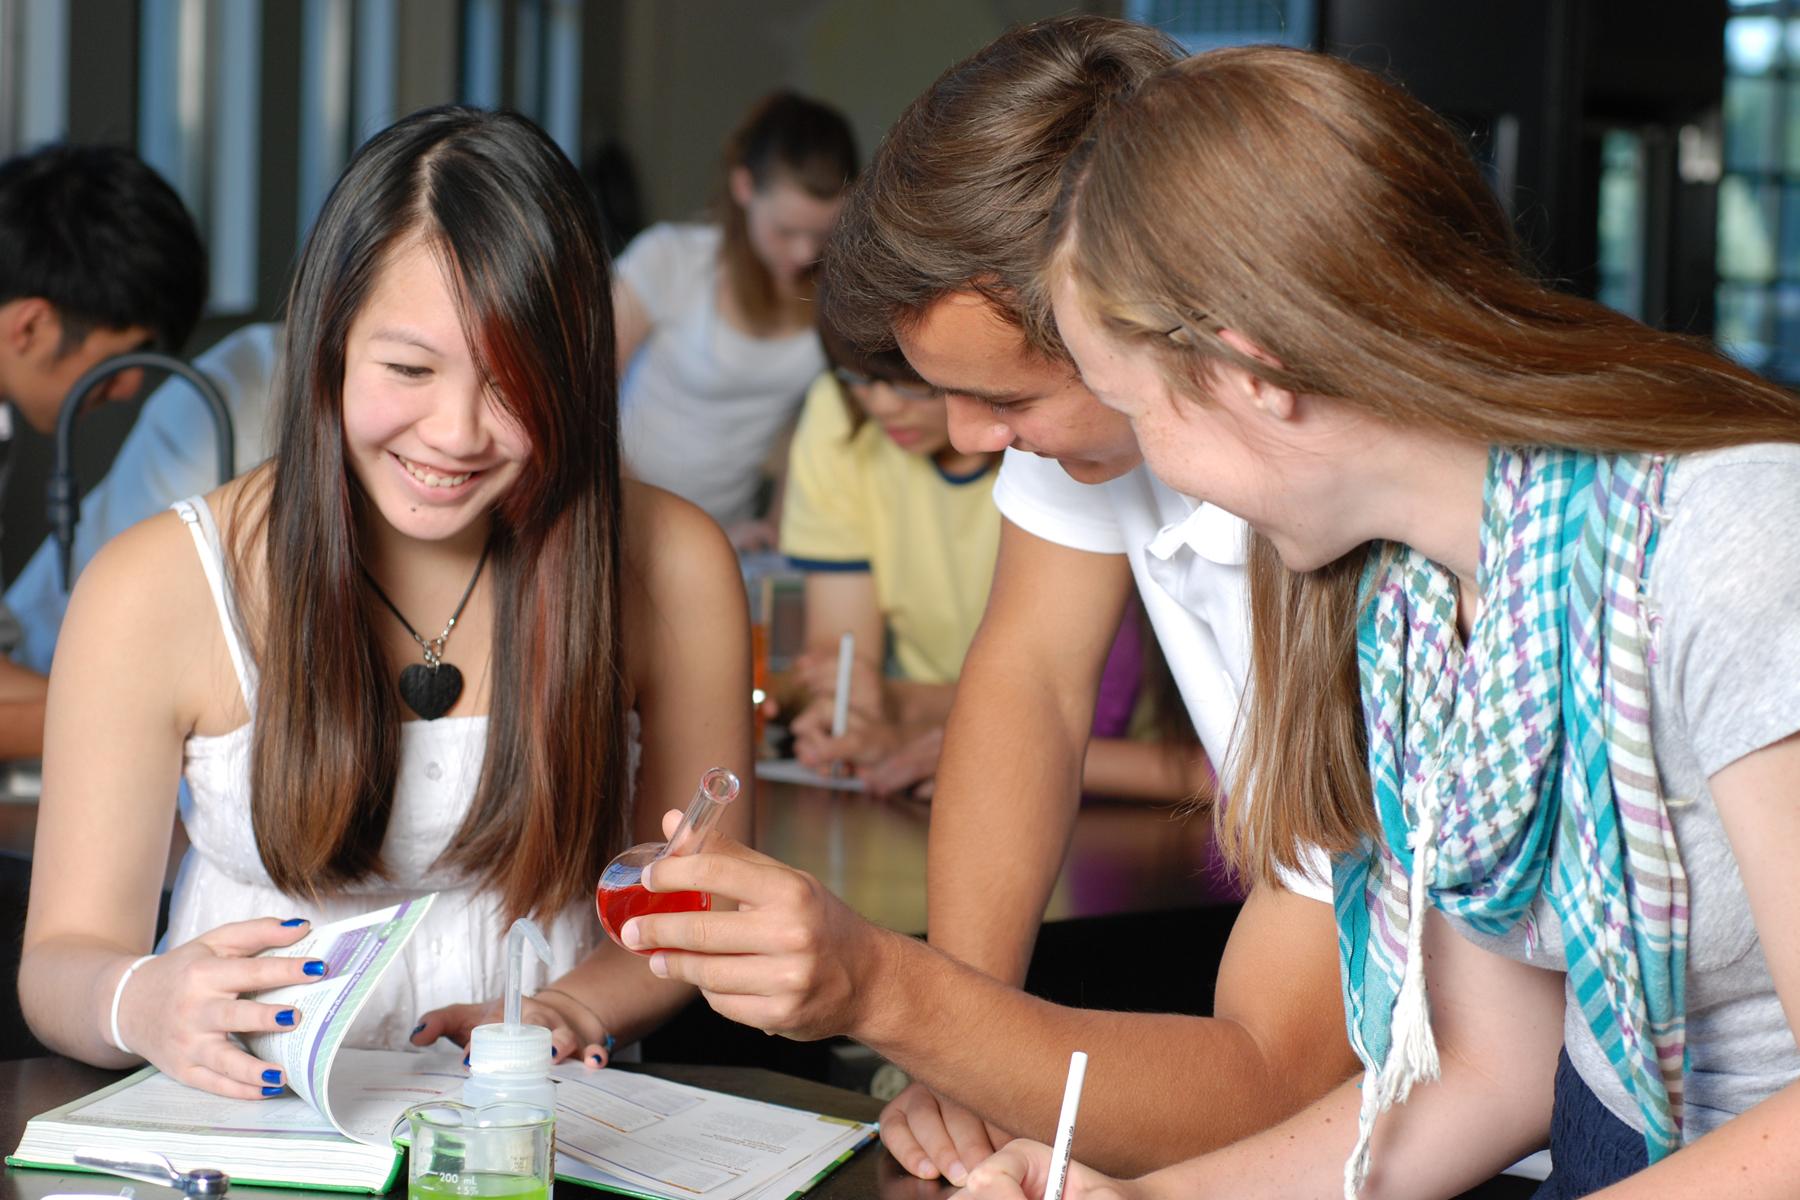 カナダBC州サレー市教育委員会:カナダの学校教育